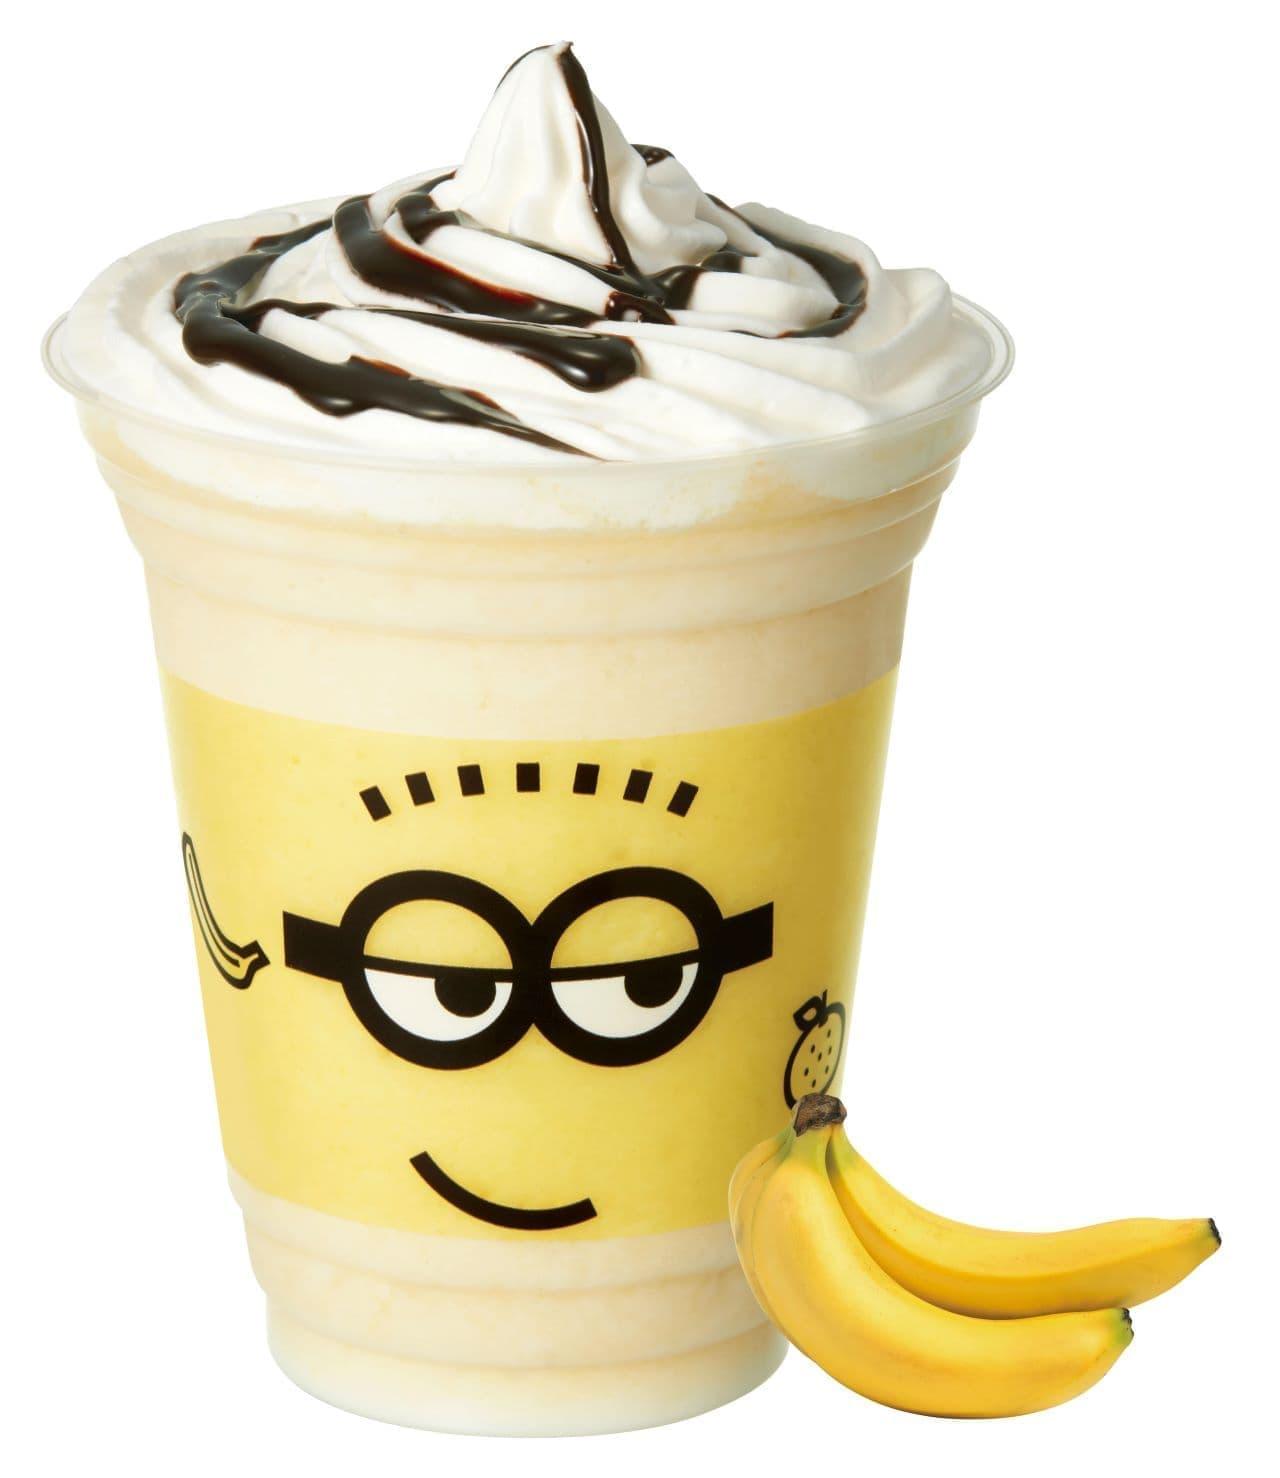 KKD×ミニオン「クリスピー フローズン バナナミルク ミニオン」